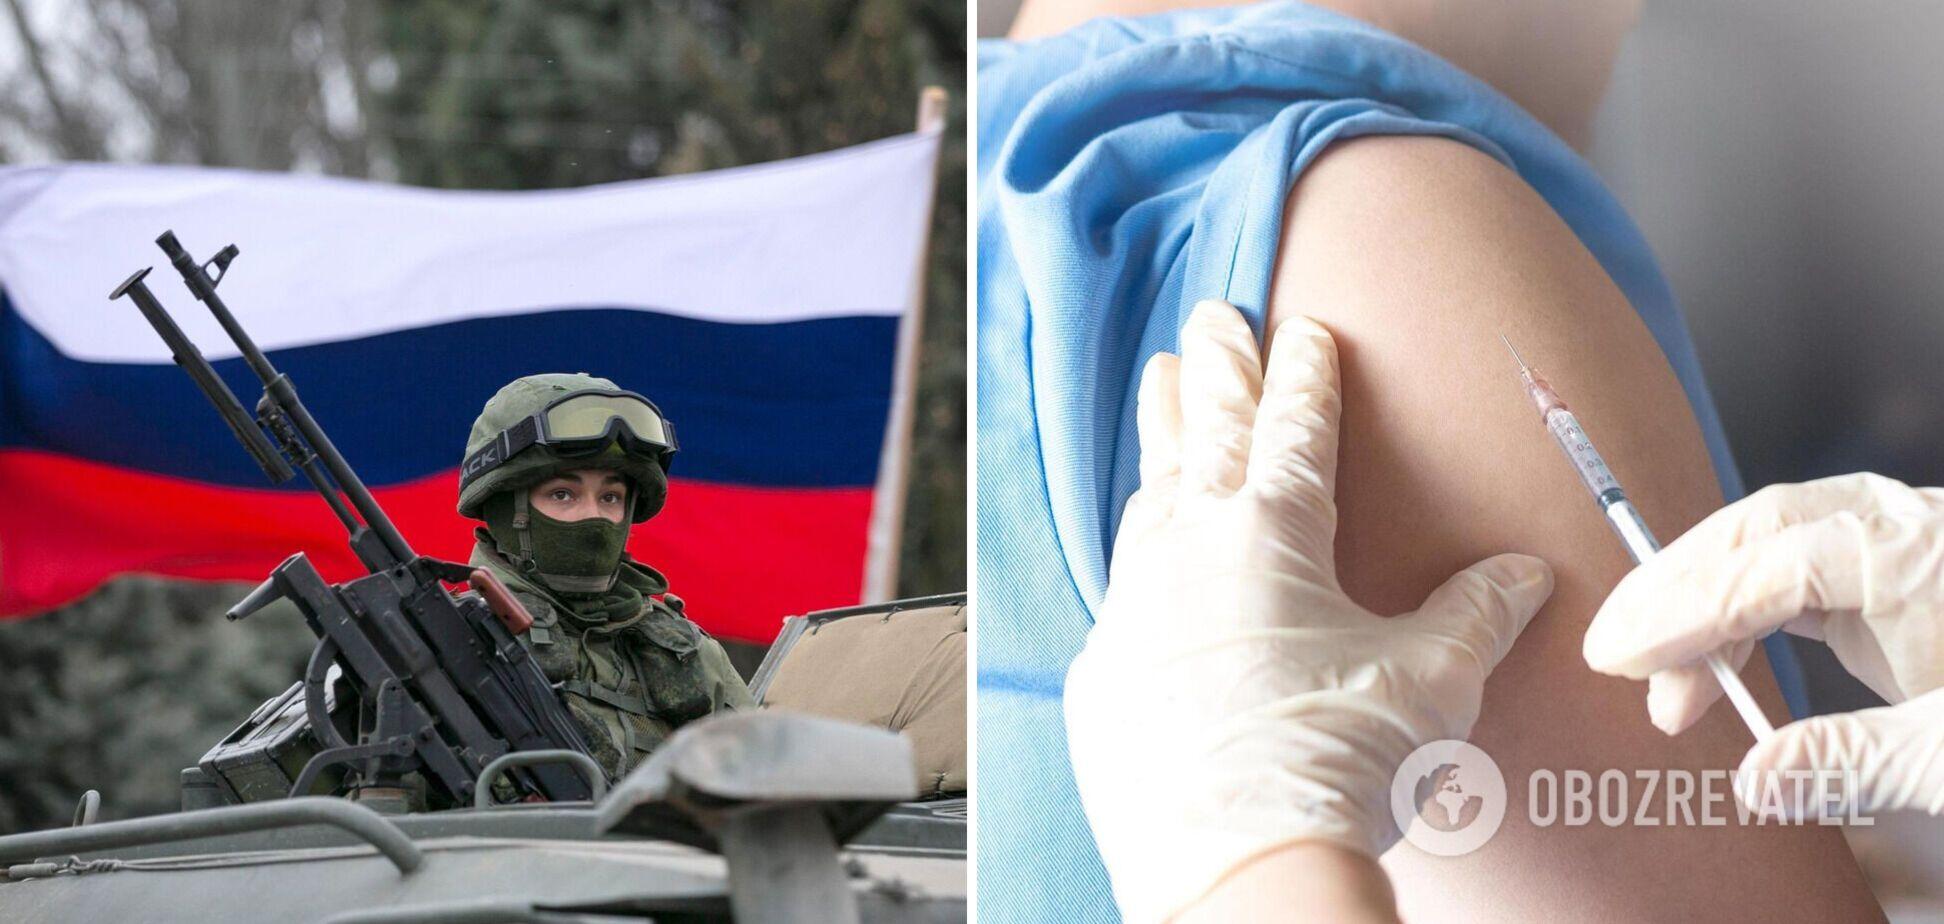 Новини України: РФ нарощує бойову готовність на Донбасі, а Данілов анонсував указ щодо вакцинації населення